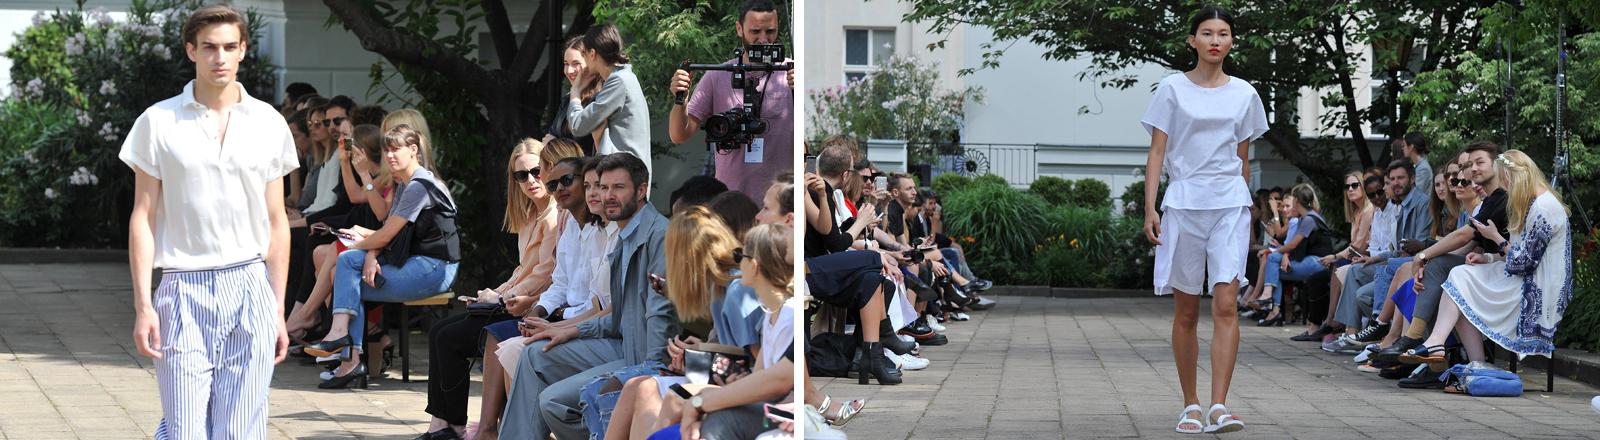 Bei der Hien Le Modenschau im Rahmen der Fashion Week Berlin gehen Männer und Frauen gemeinsam über den Laufsteg.